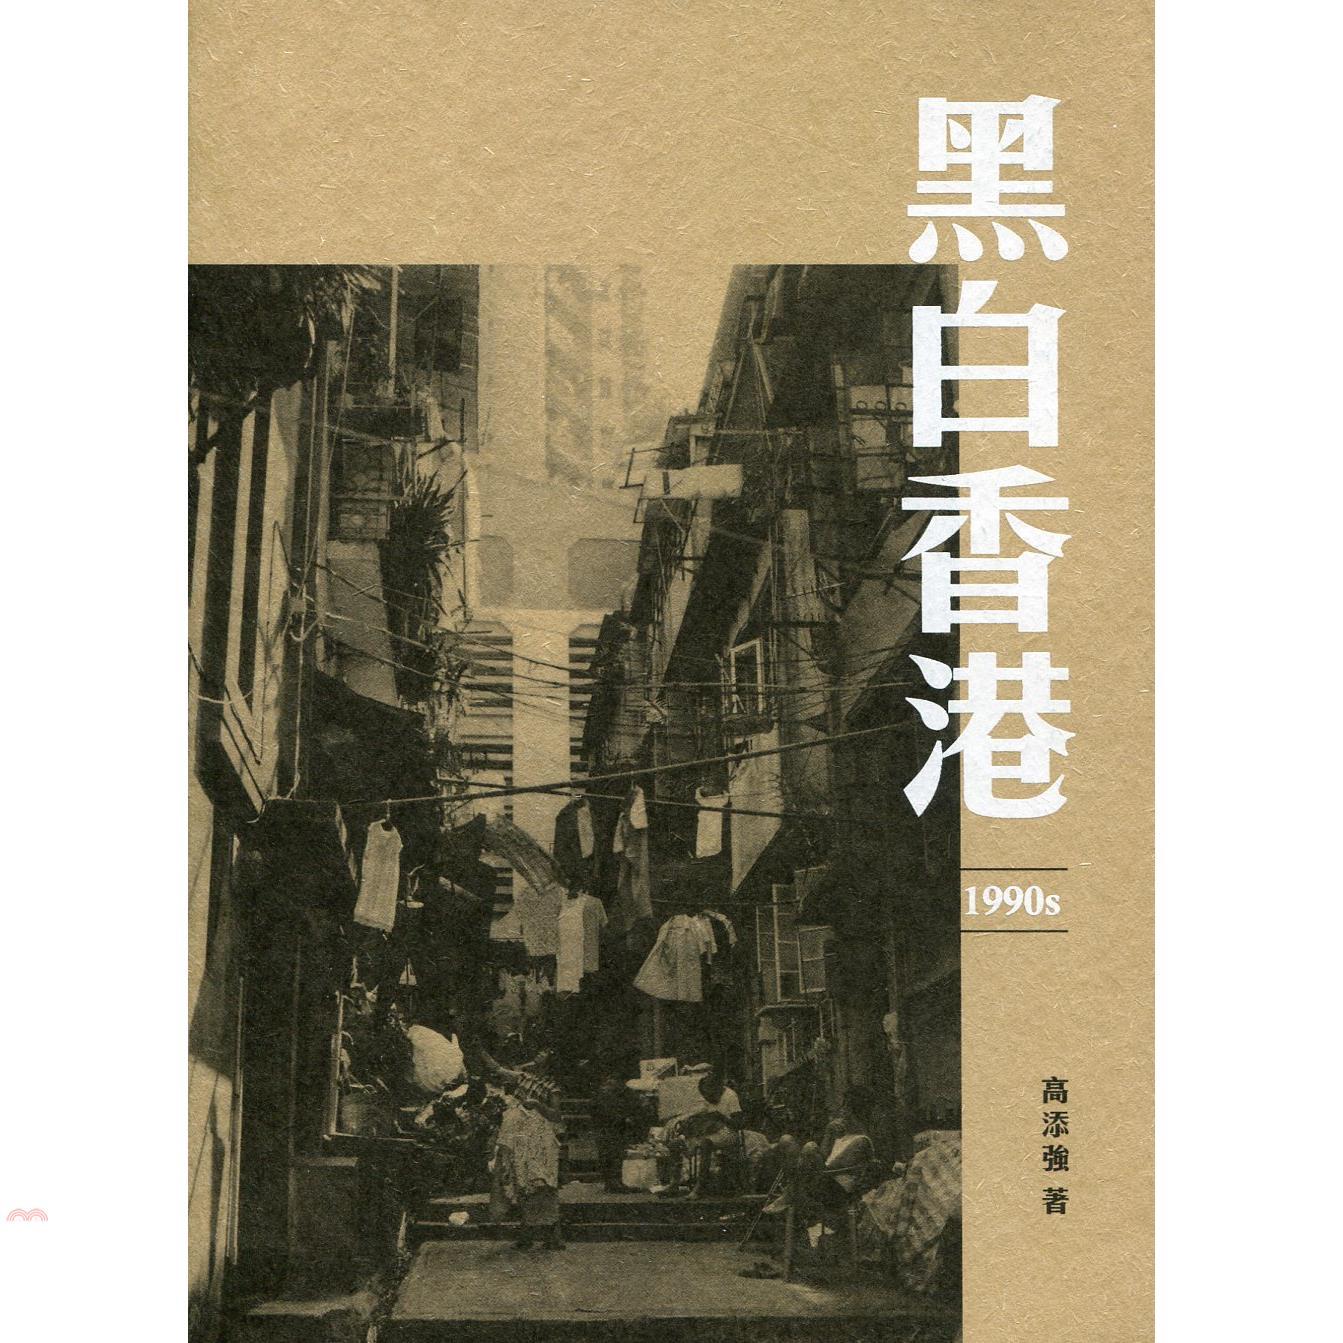 書名:黑白香港 1990s定價:440元ISBN13:9789620439537出版社:香港三聯書店作者:高添強頁數:205出版日:2016/09/16品牌 : 三民書局---------------